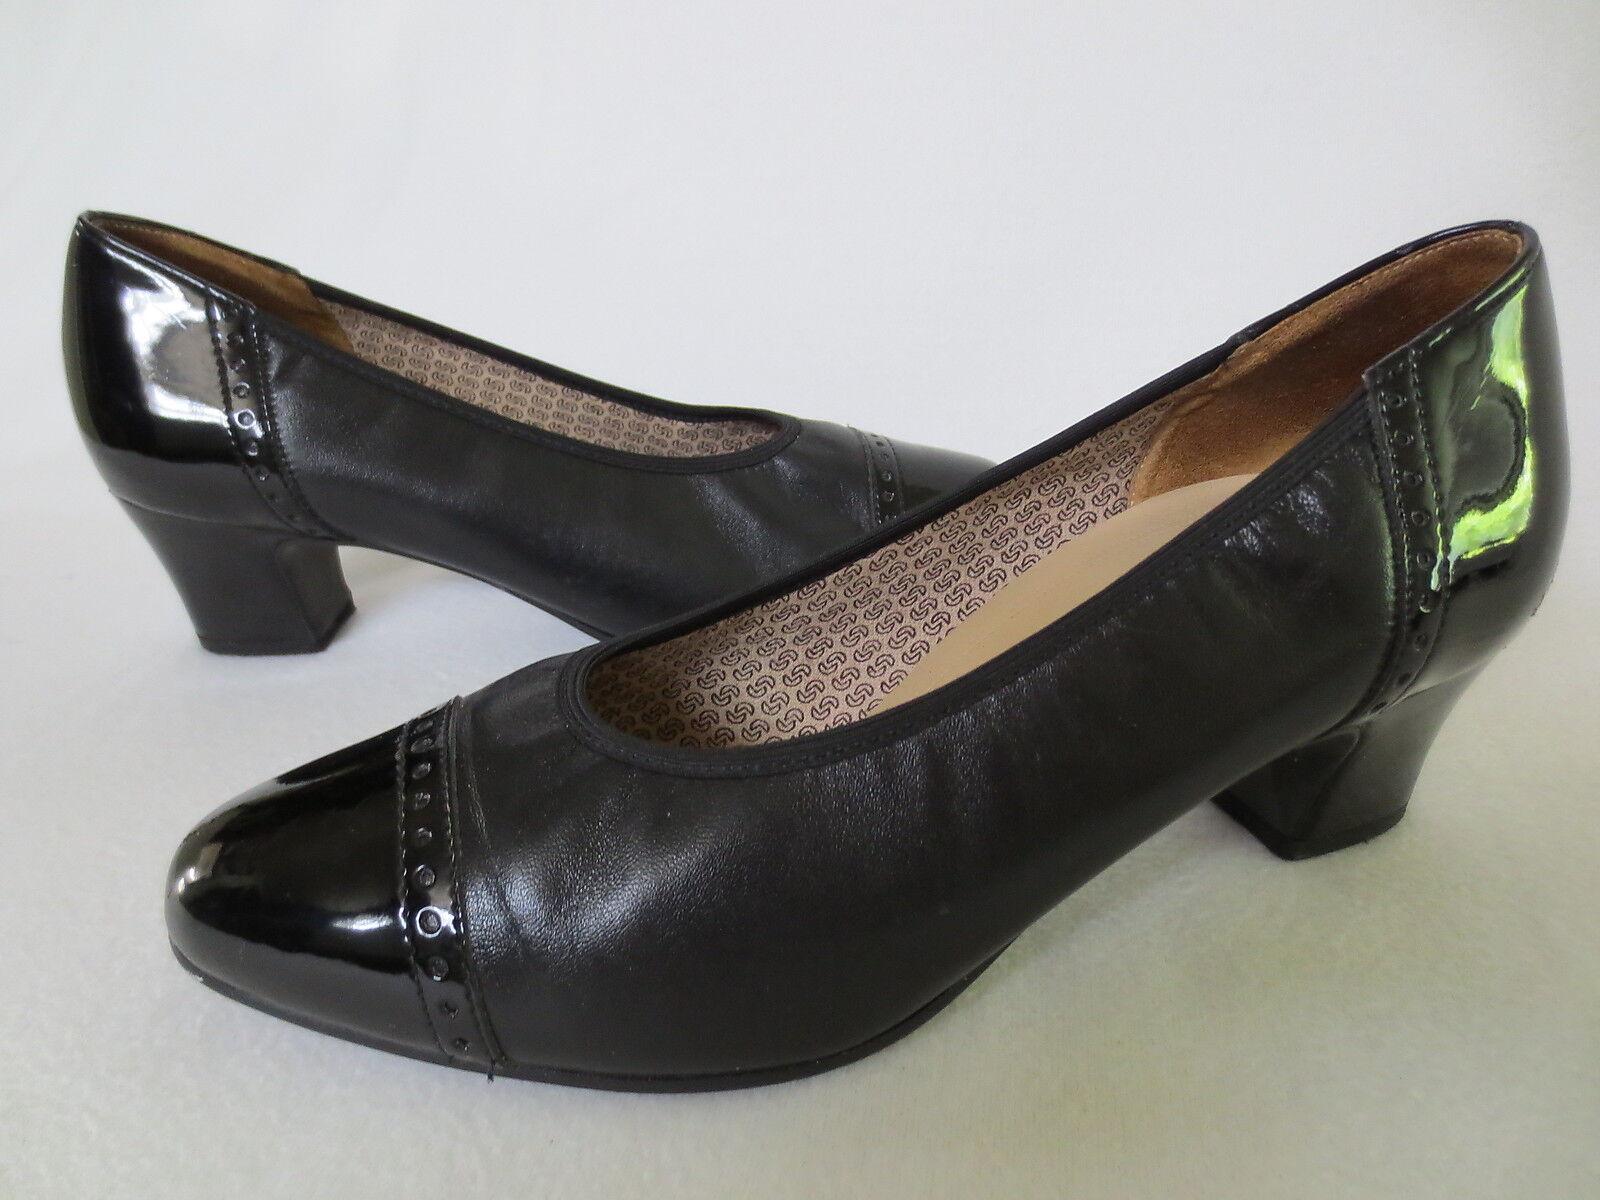 Salamander Comfort Pumps Ballerinas Milva 4 E 37 Leder Lackleder schwarz TOP/Z60